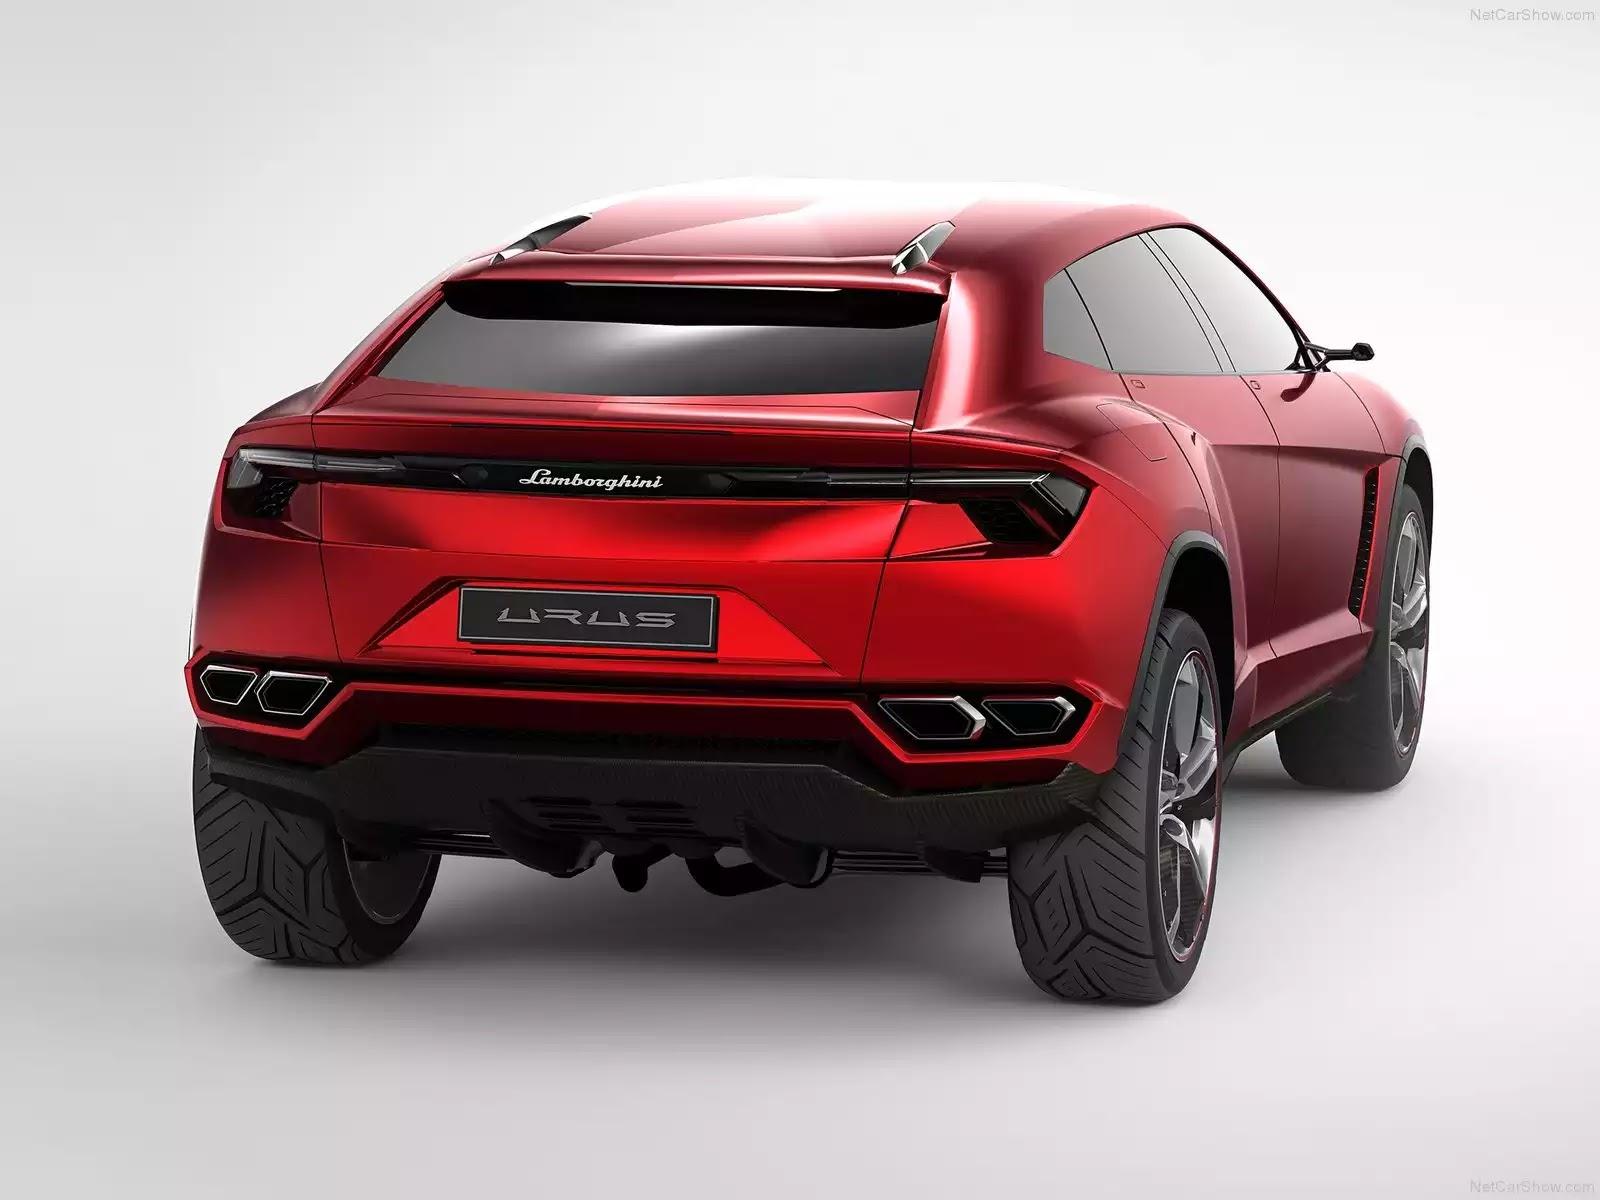 Hình ảnh siêu xe Lamborghini Urus Concept 2012 & nội ngoại thất